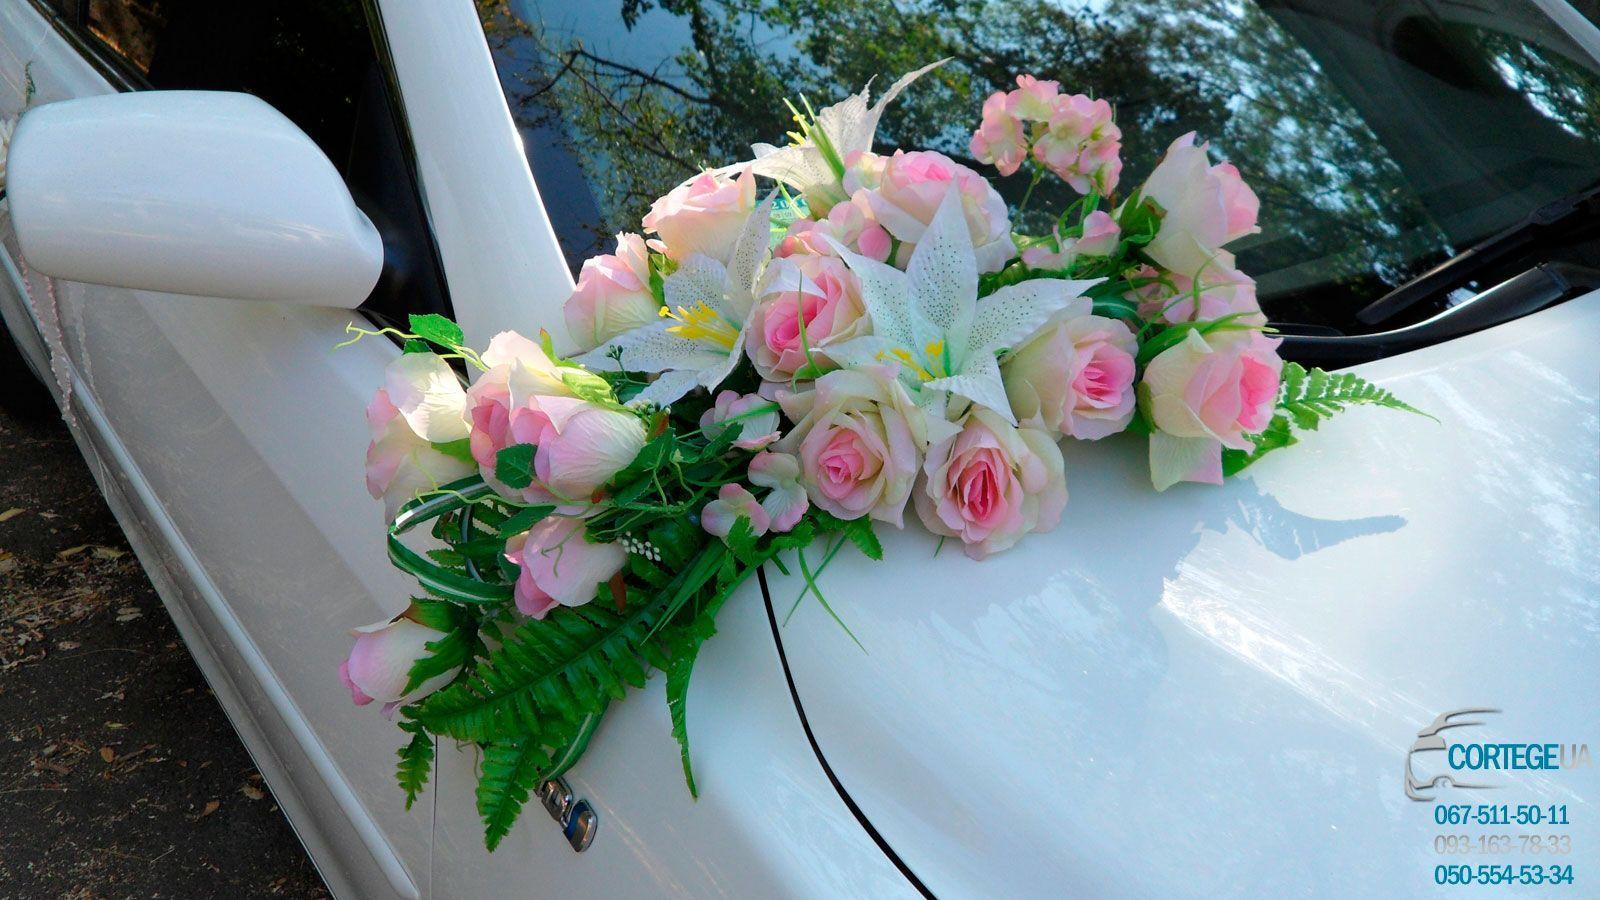 кекс пеку фото роз в машине на стекле могут попасть